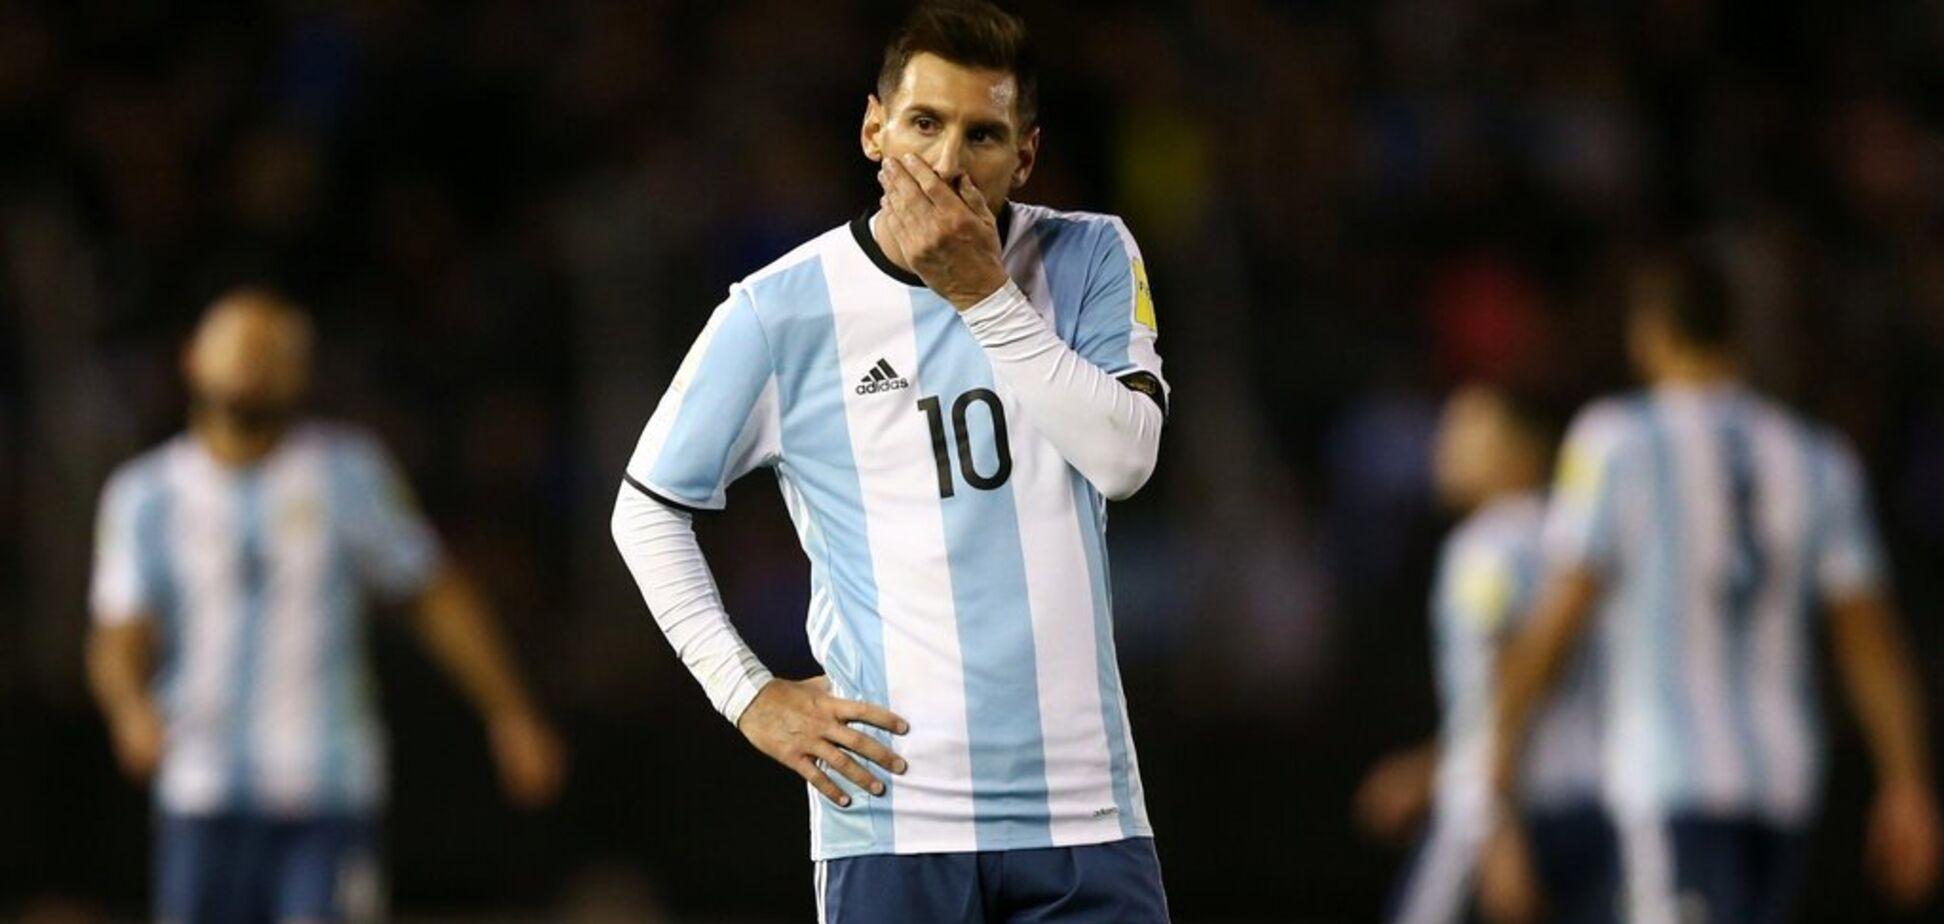 Мессі відлучений від збірної за критику футбольних функціонерів